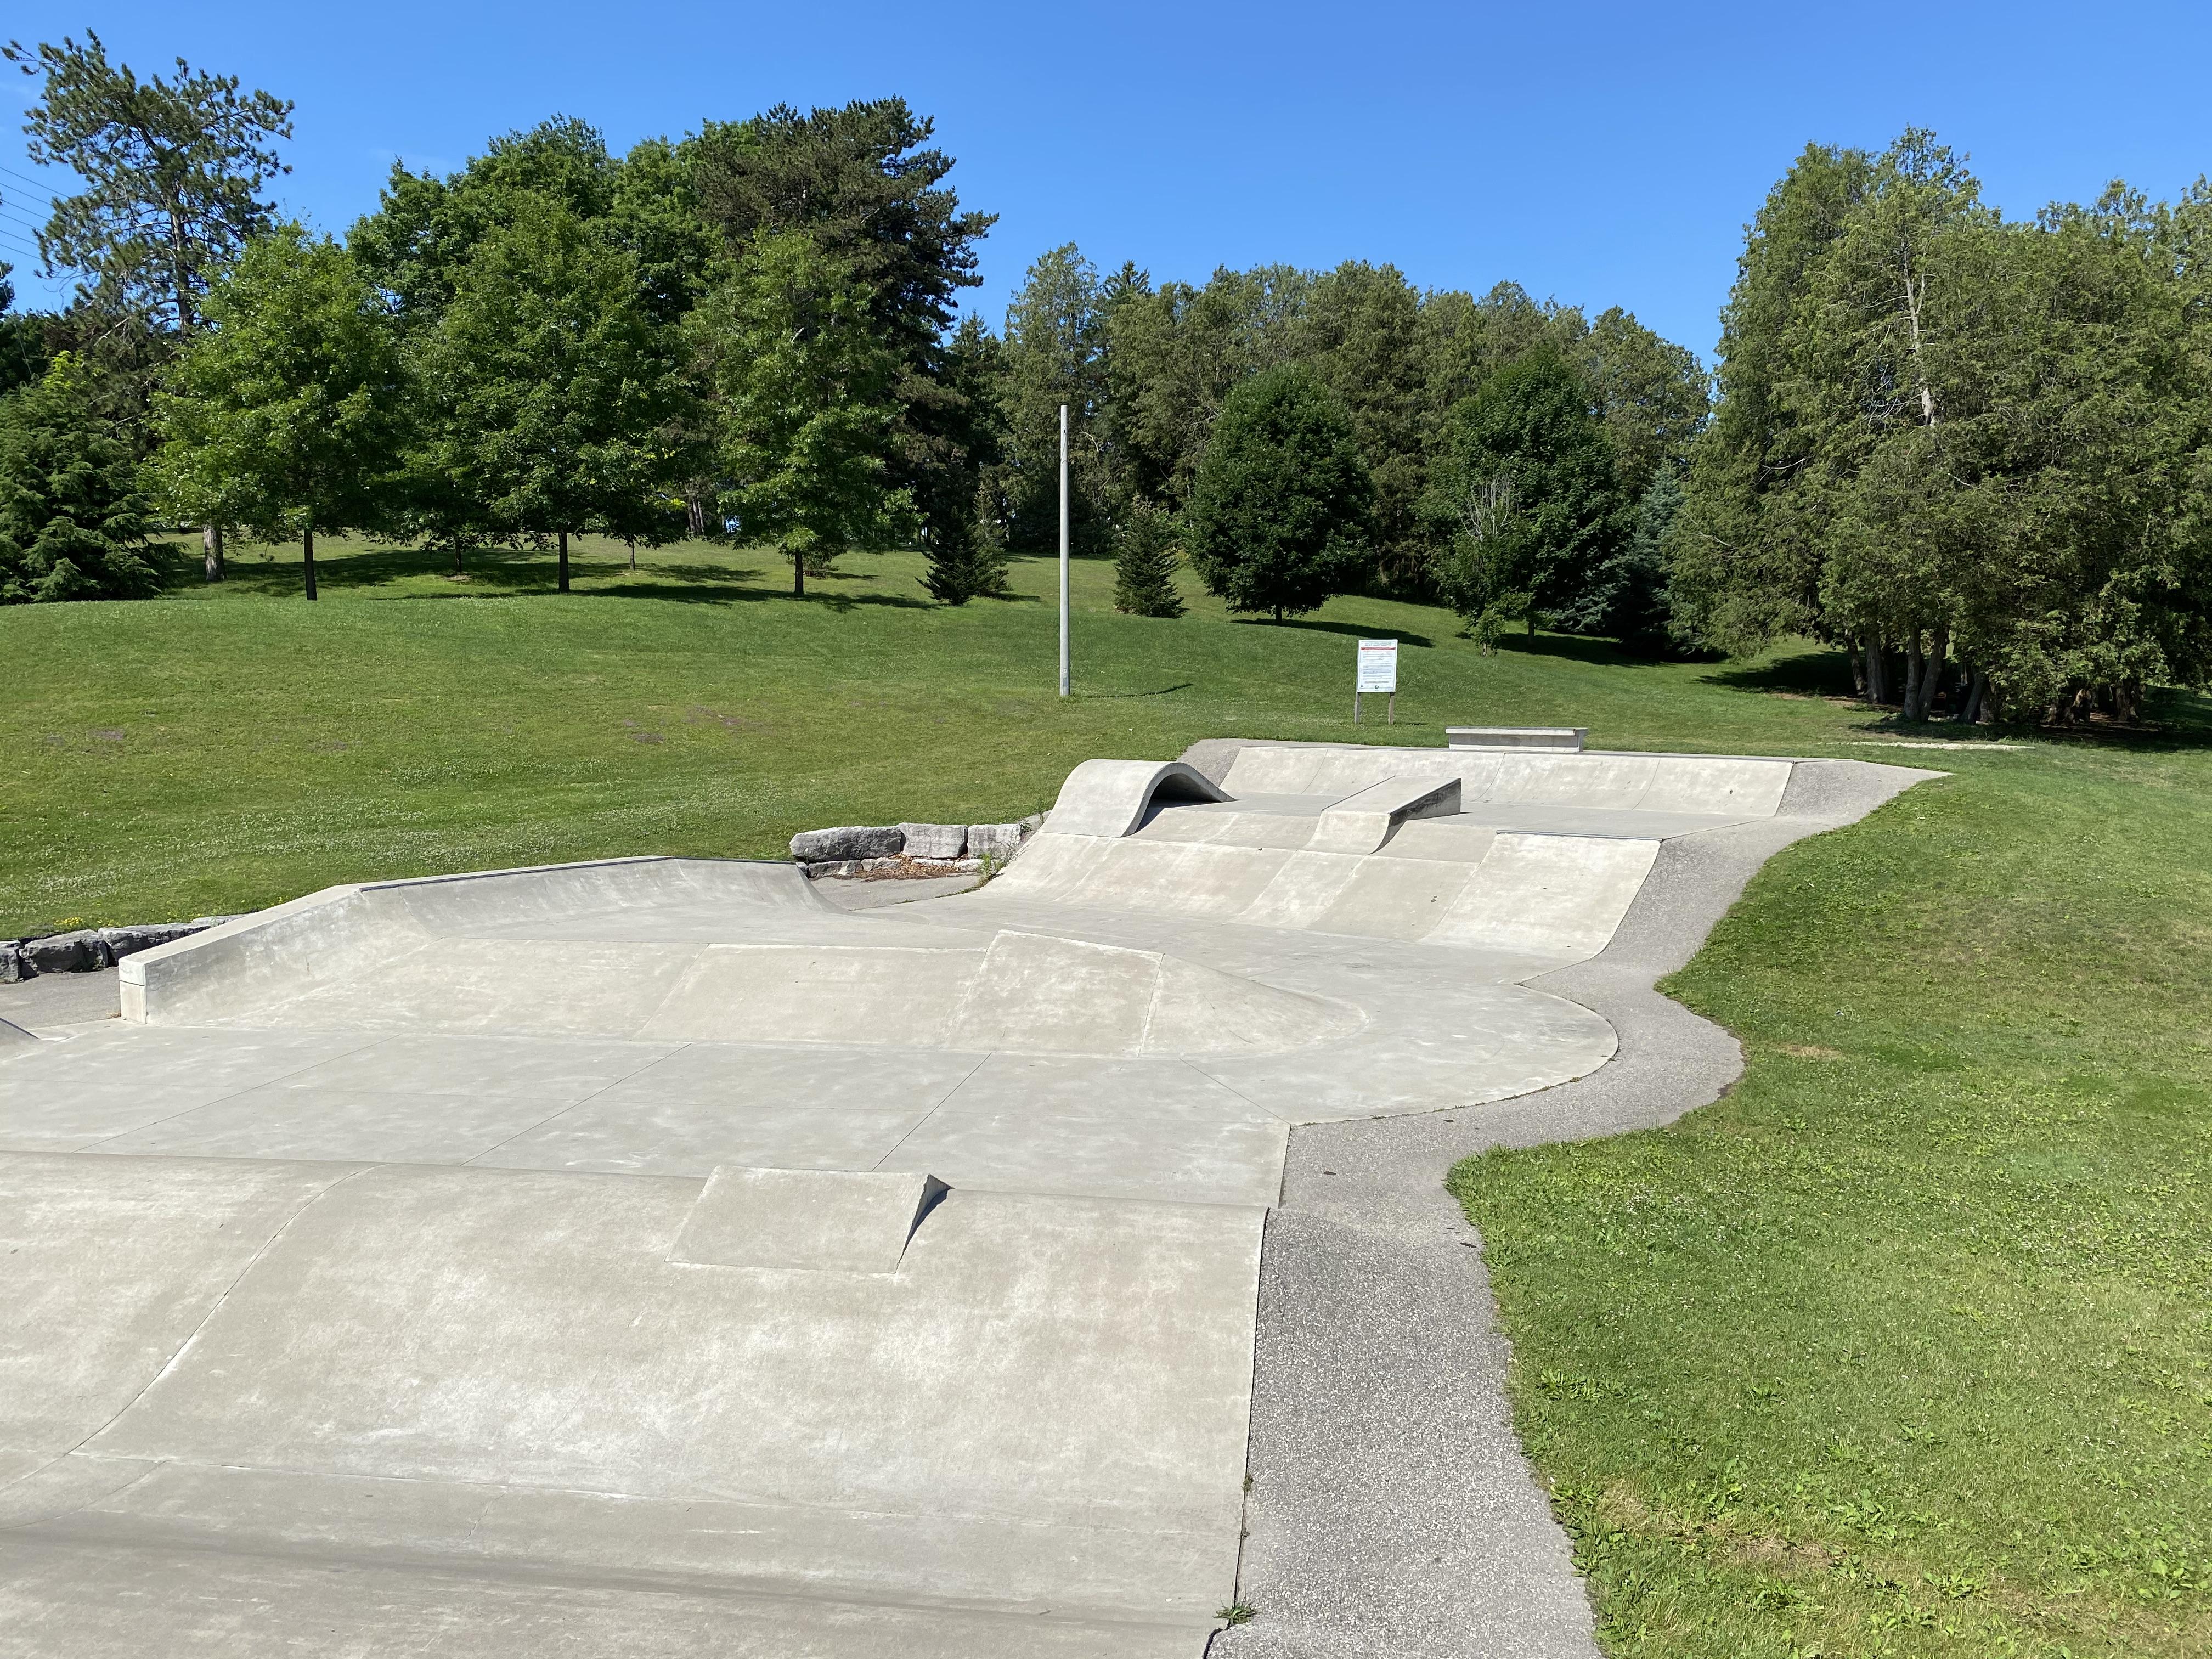 woodstock skatepark main section from afar